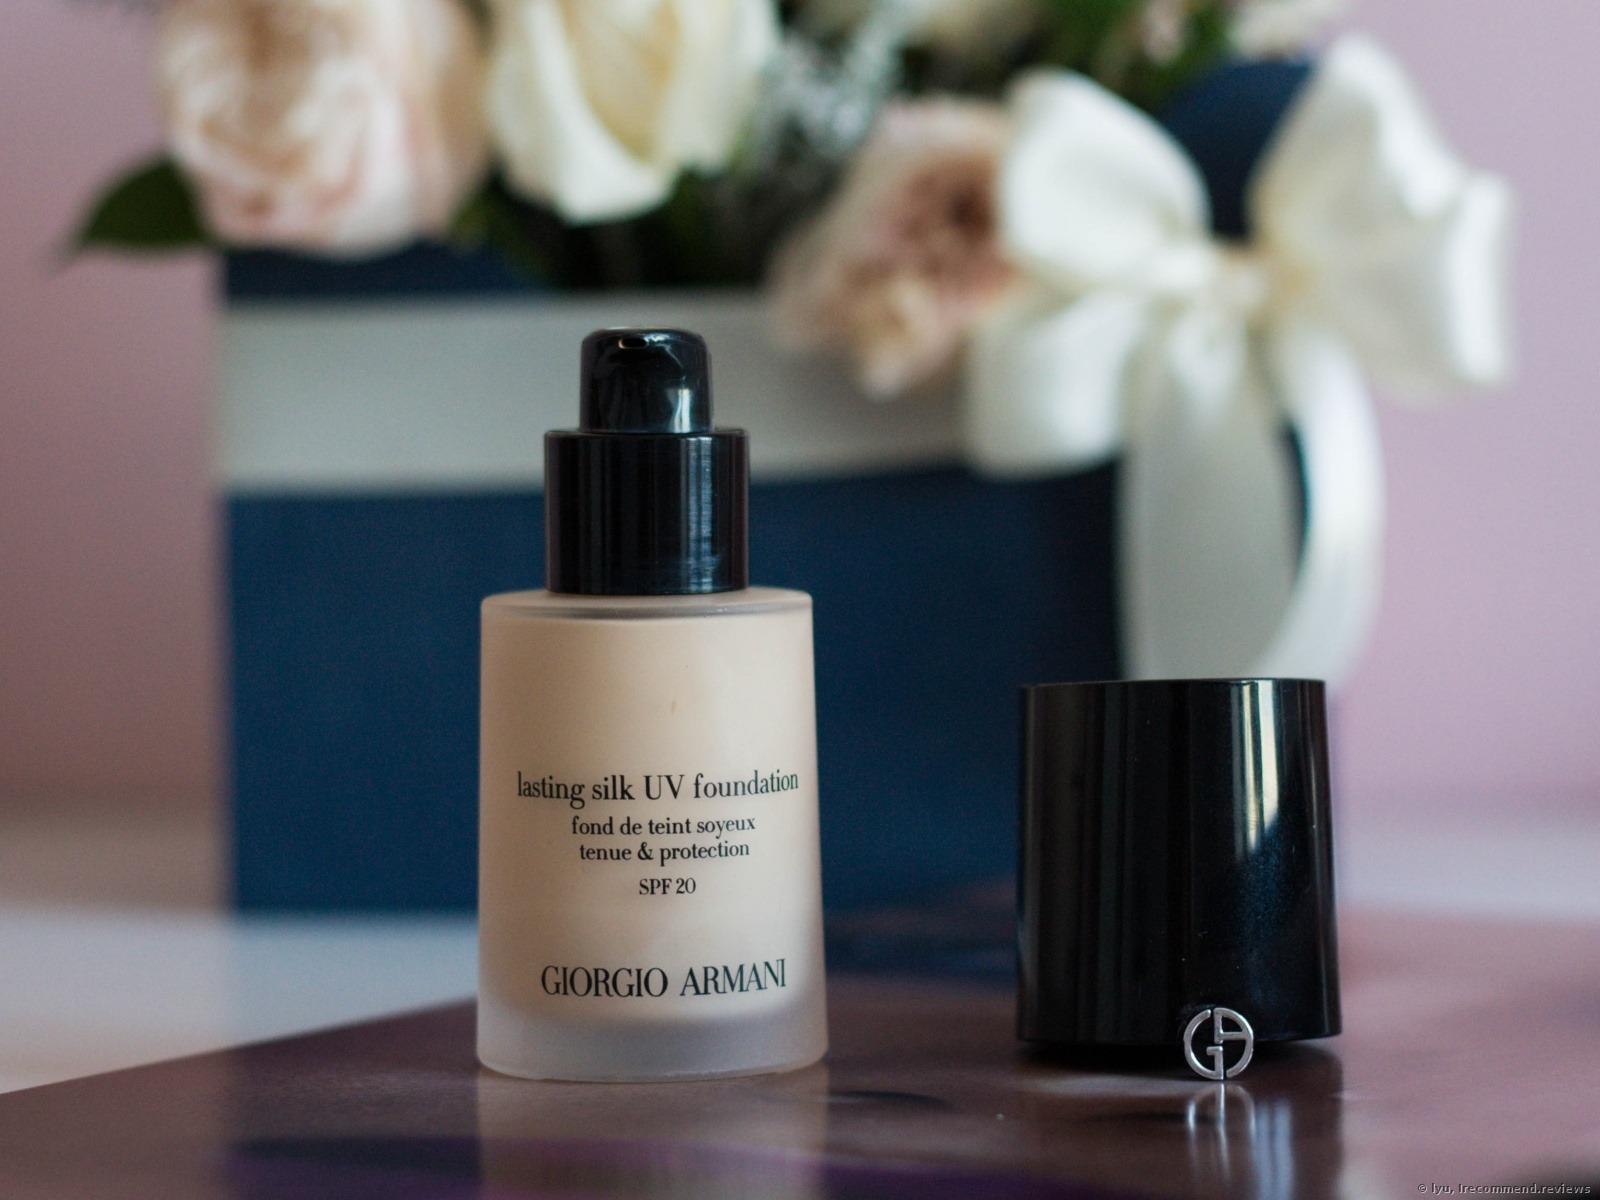 �ล�าร���หารู��า�สำหรั� Giorgio Armani Lasting Silk UV Foundation 30ml.